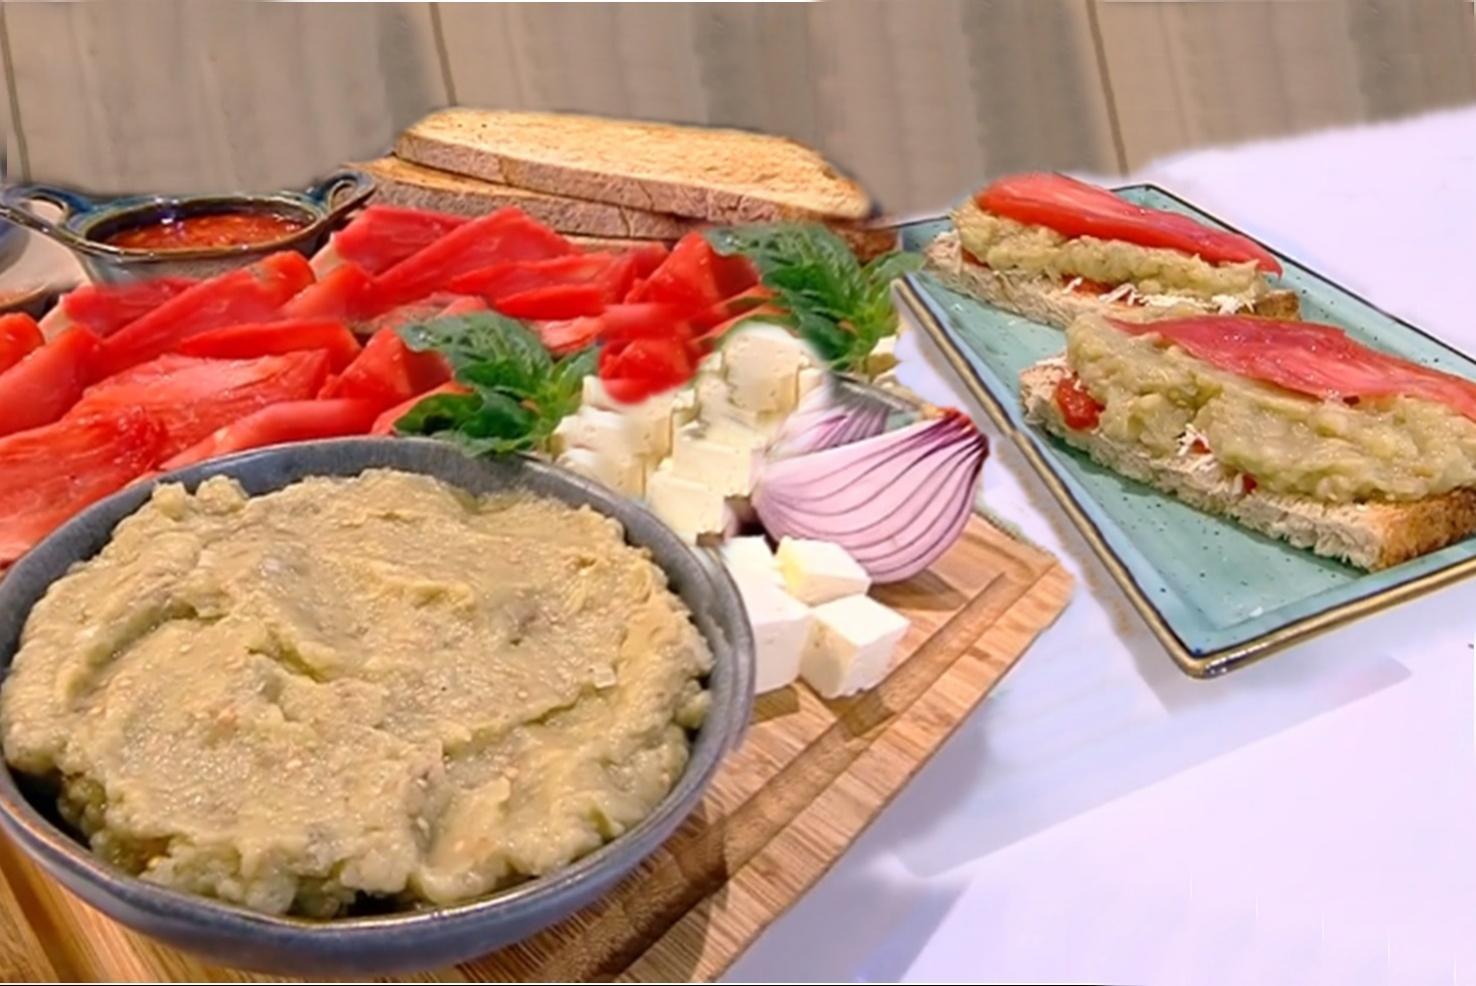 Rețetă de vinete cu gust de vară: Salată de vinete cu sos de roșii și brânză